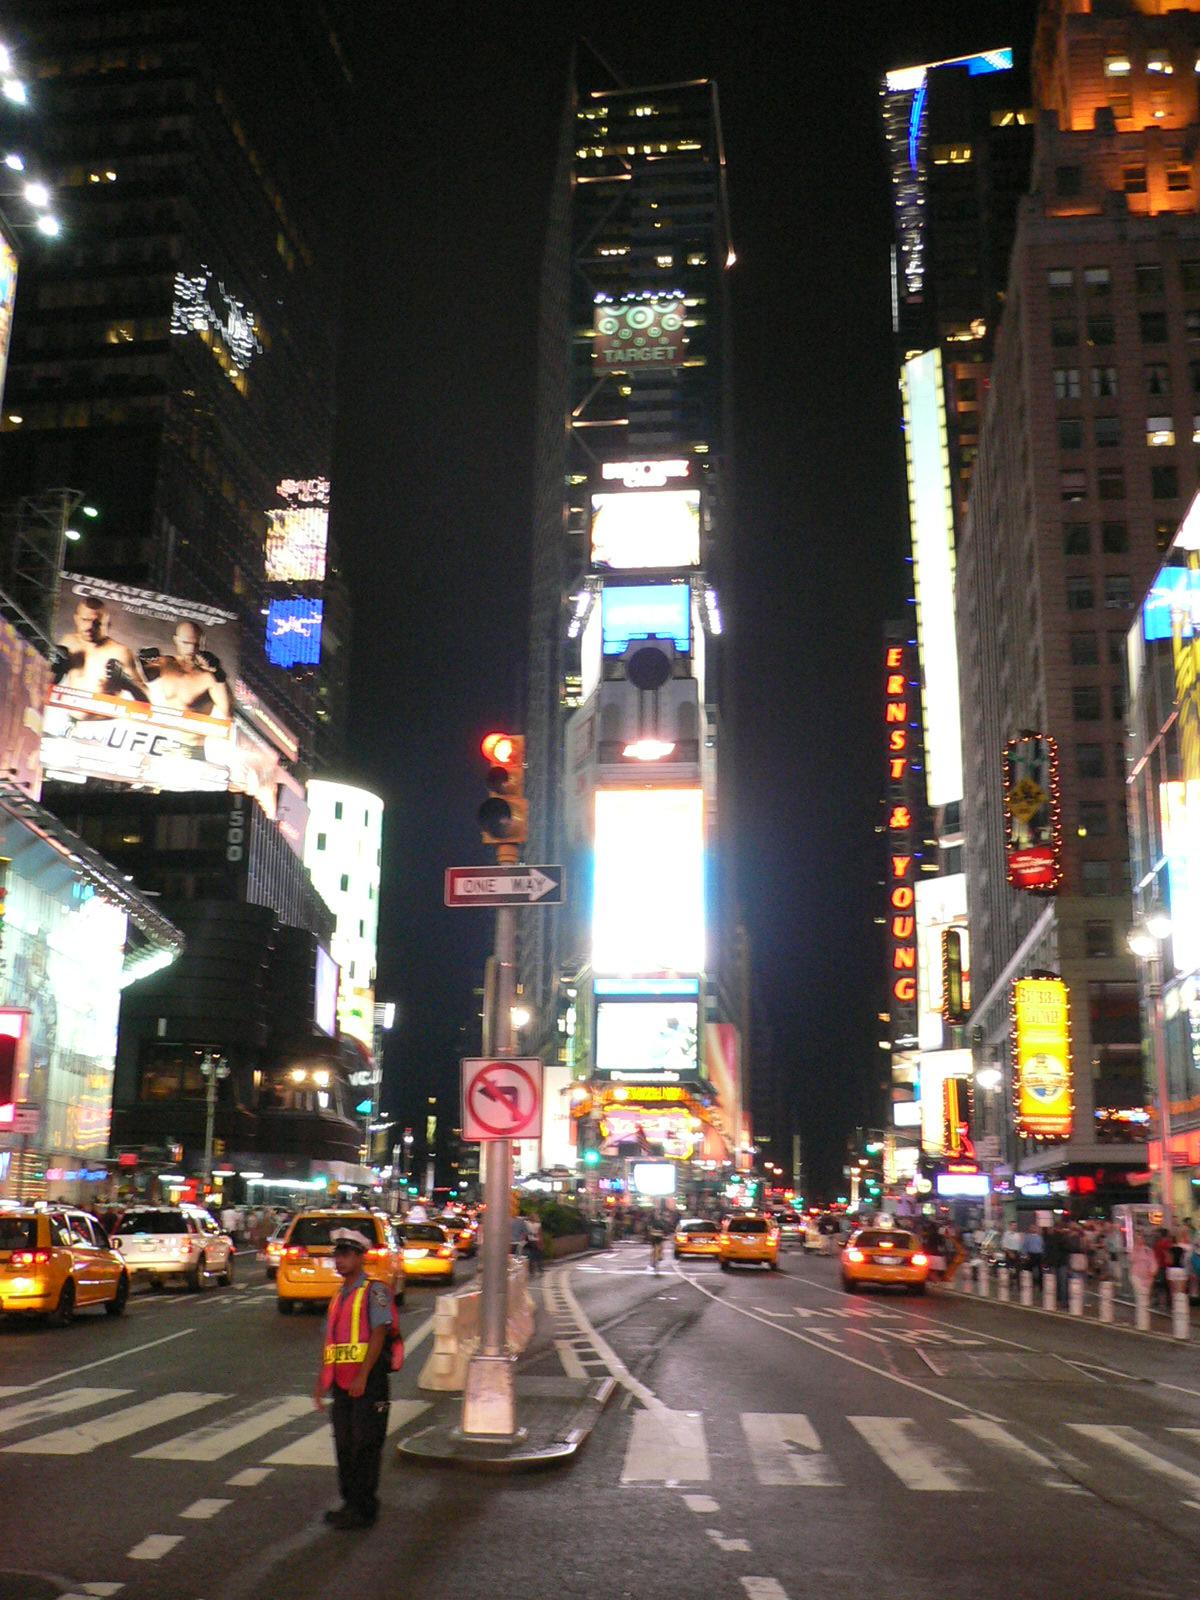 夜のタイムズスクエア タイムズスクエア テレビでよく見るけど、この看板があるトコが タイムズ..